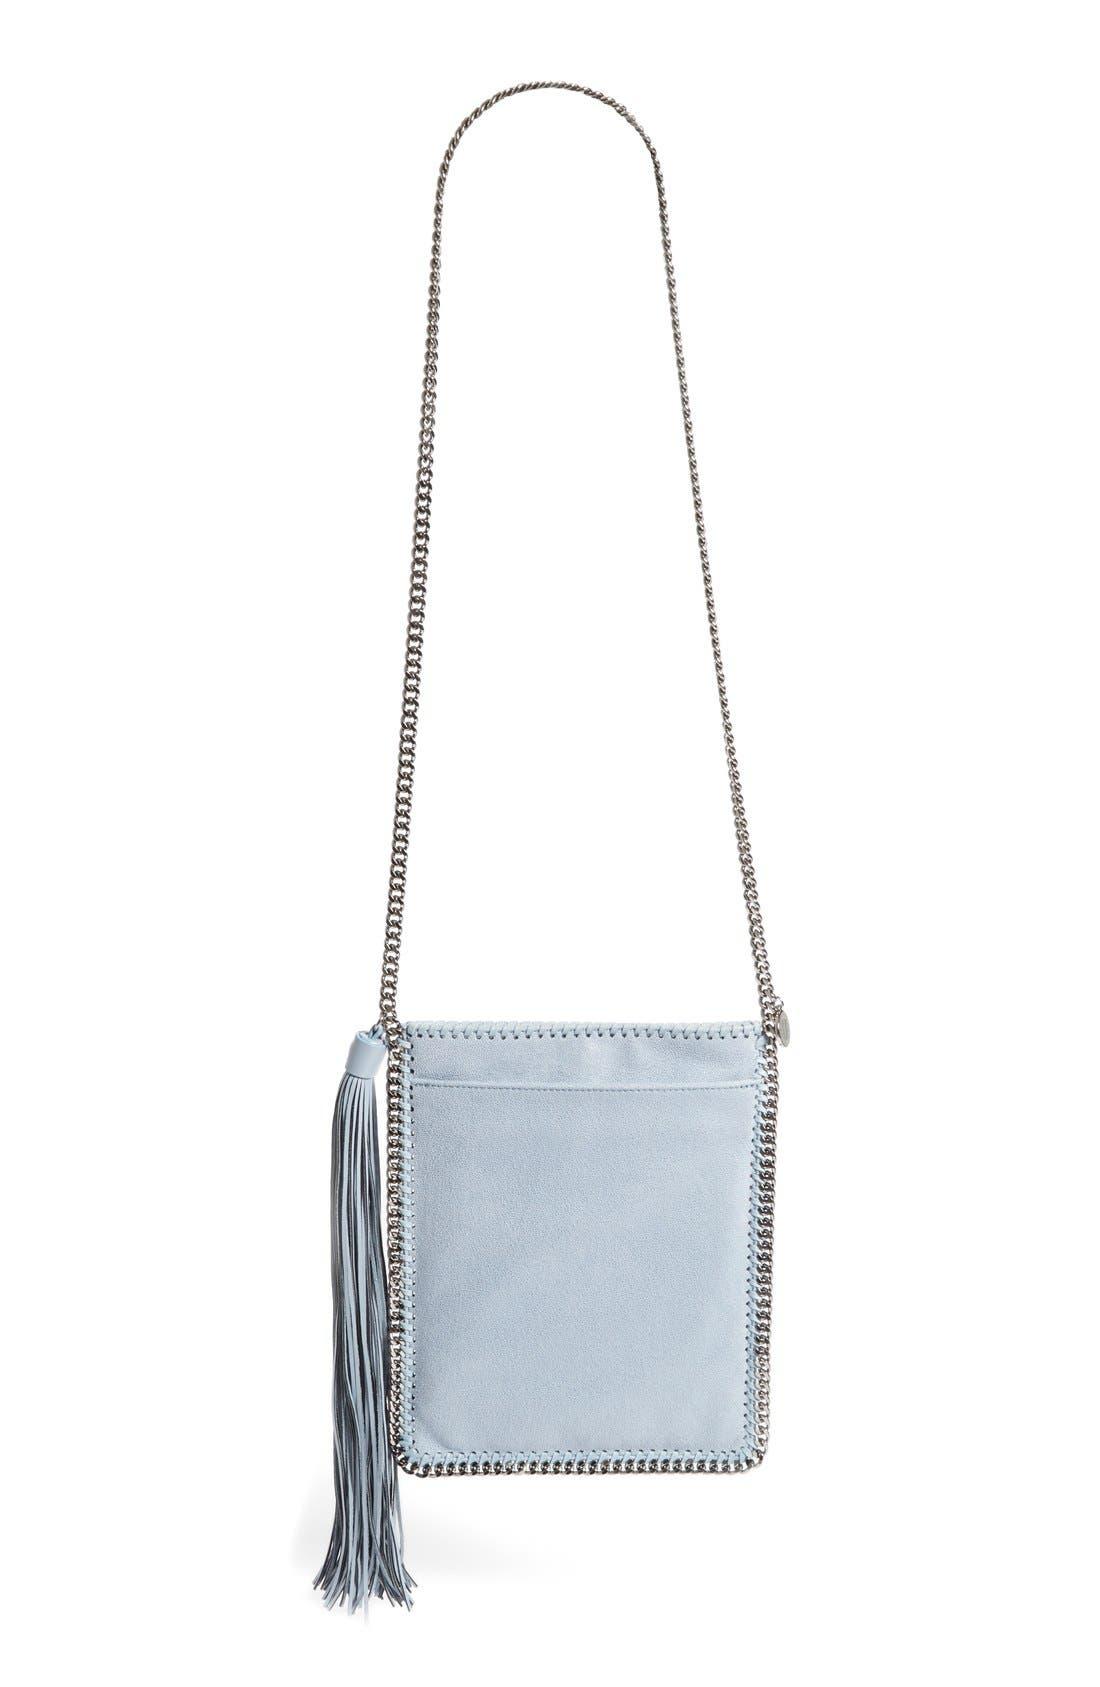 'Falabella' Faux Leather Shoulder Bag,                             Alternate thumbnail 2, color,                             Duck Blue